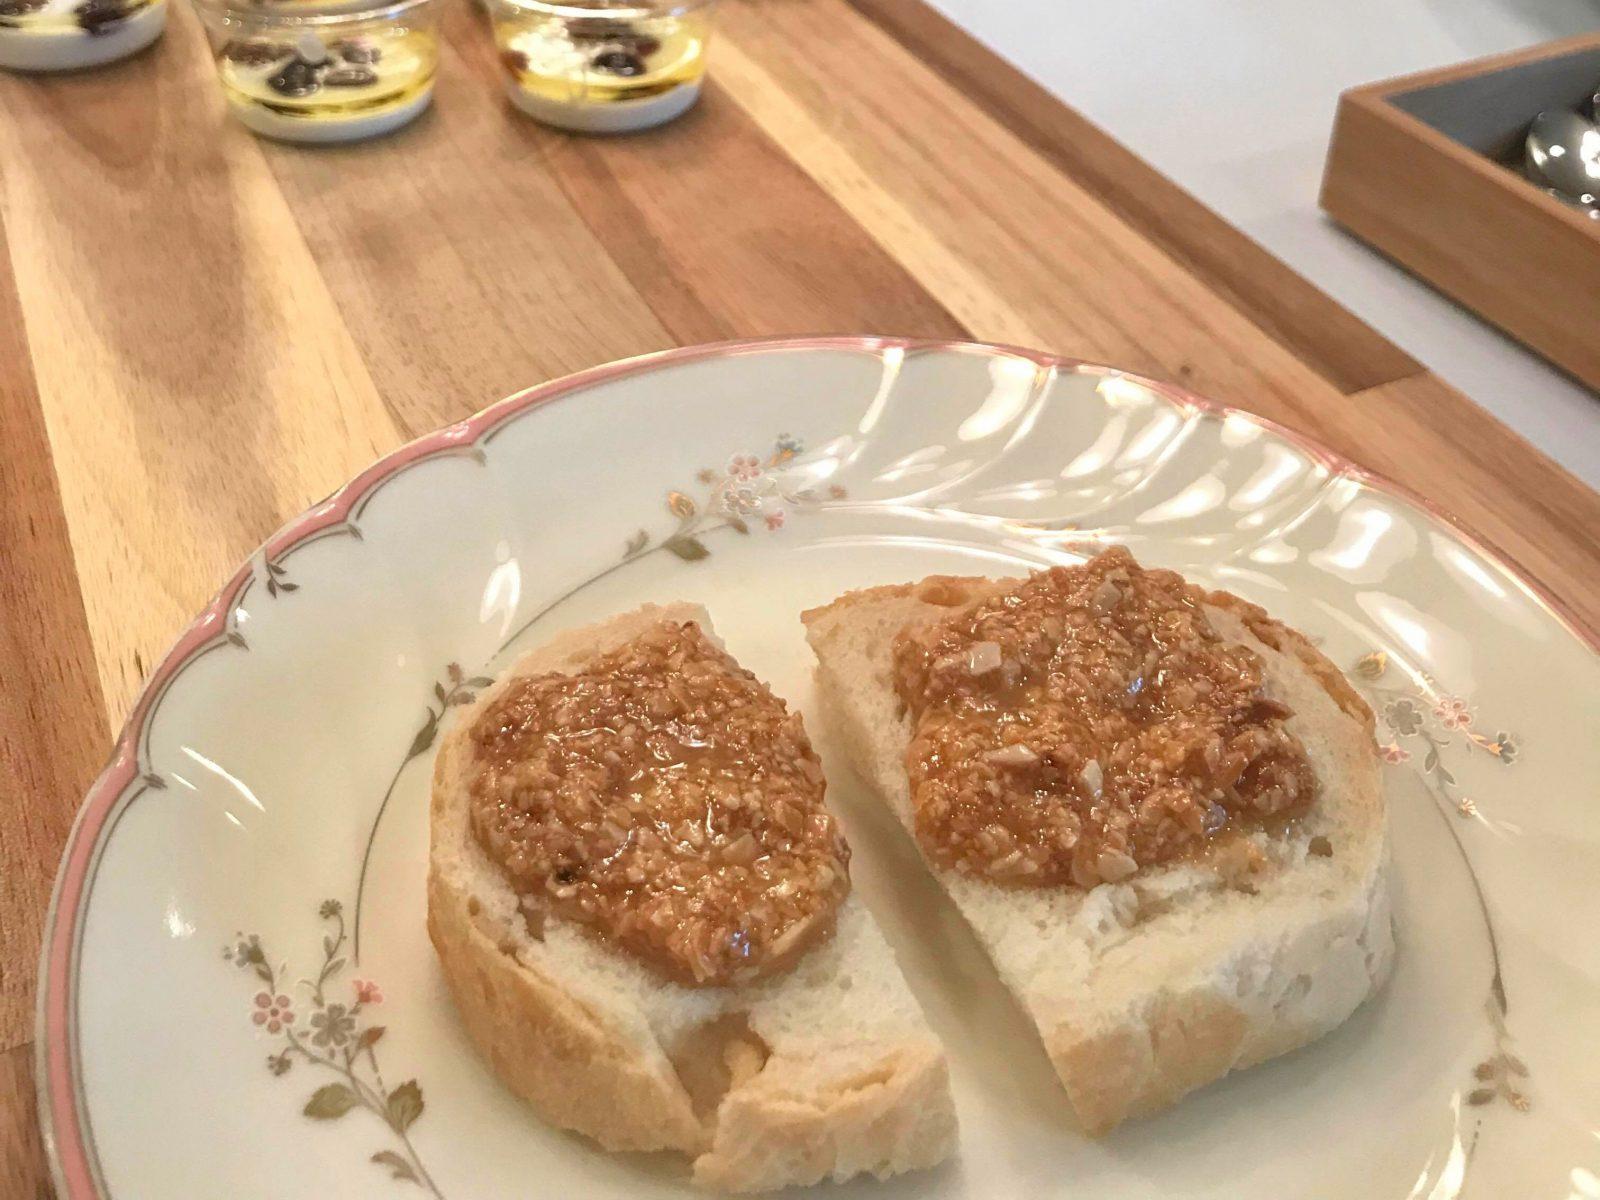 コレだけでパンが3倍美味になる?激レアなアイデア